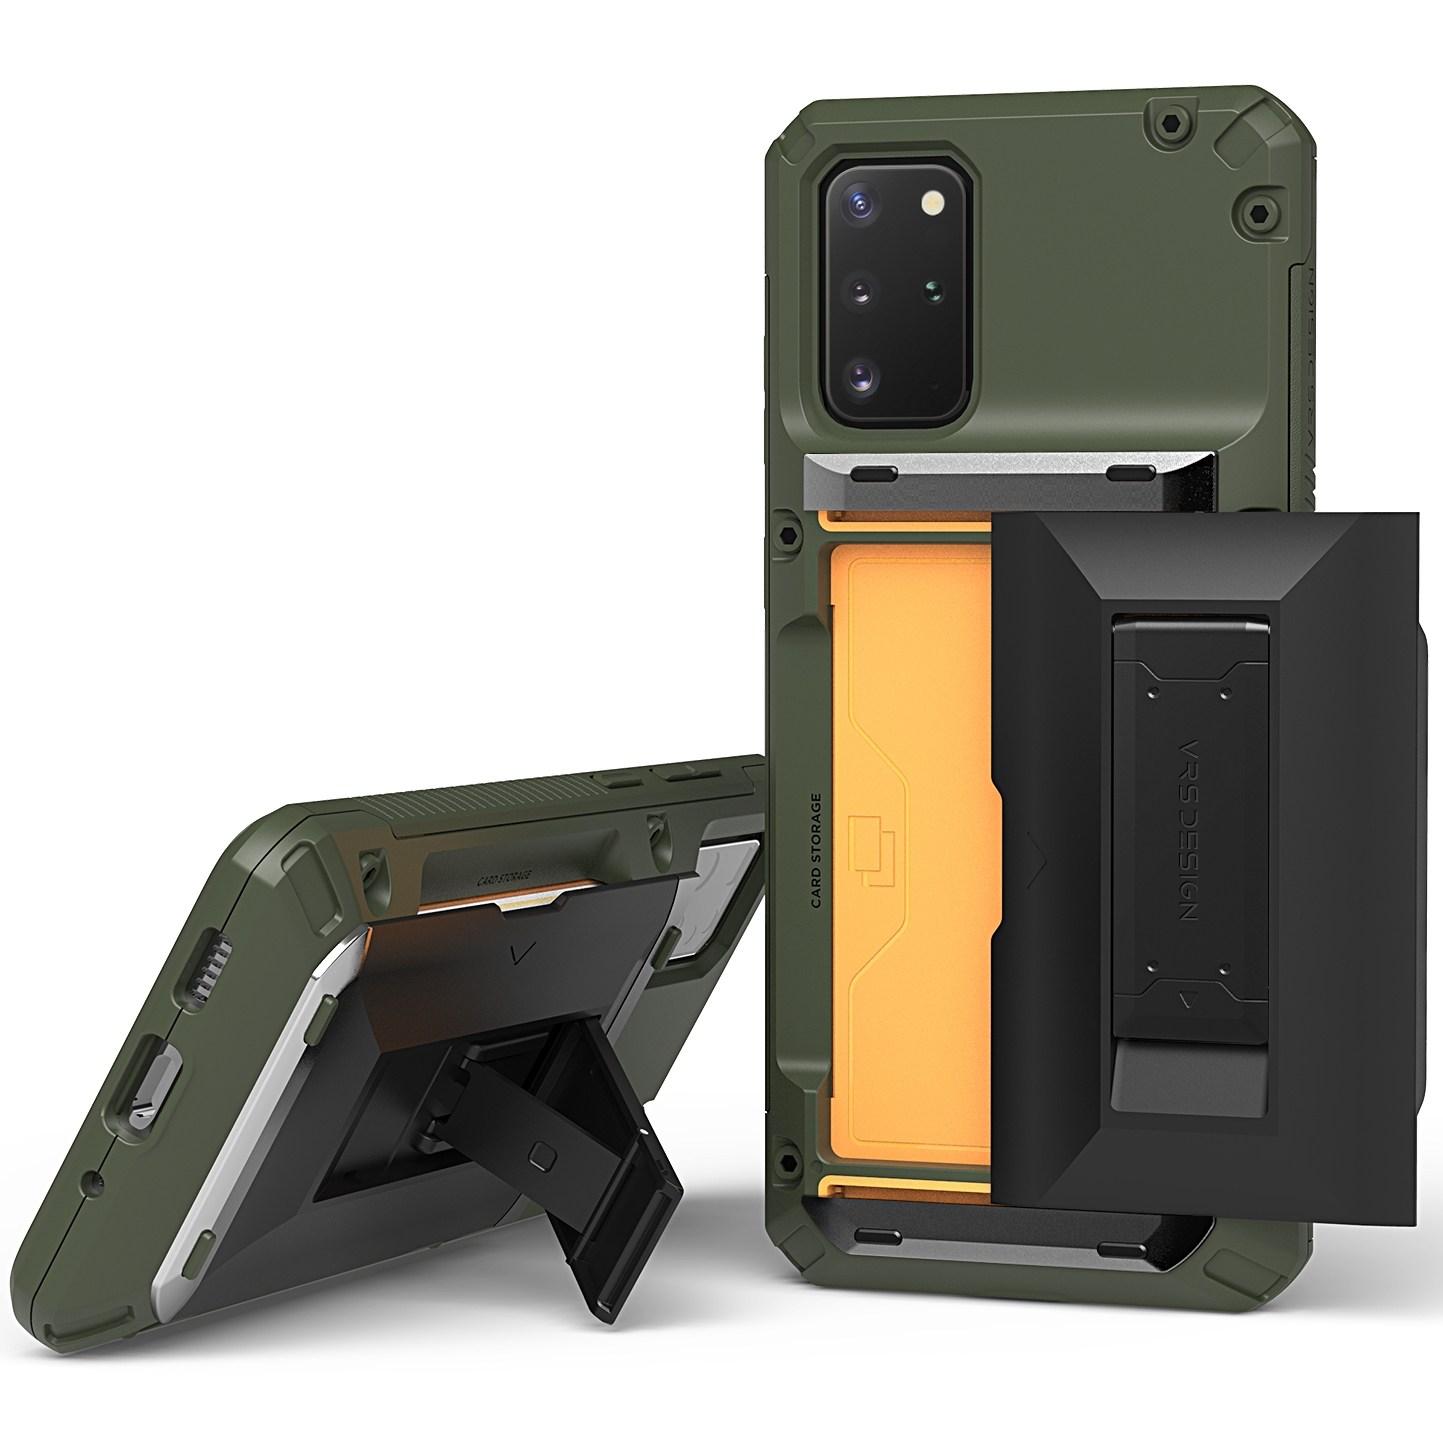 베루스 담다글라이드 하이브리드 반자동 카드수납 거치대 핸드폰 케이스